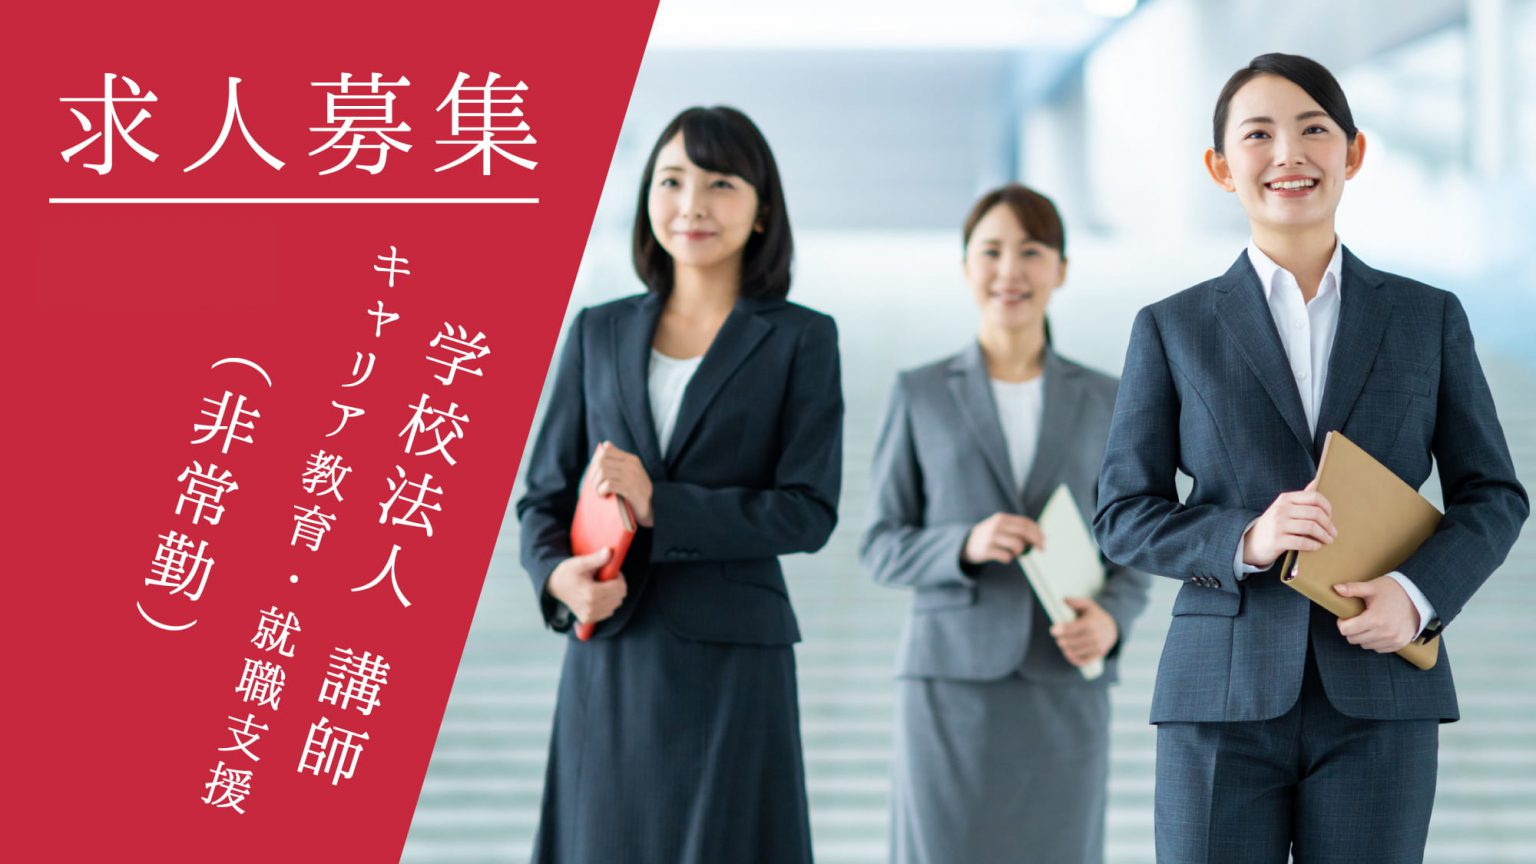 4月スタート人気の学校法人 学生へキャリア教育・就職支援 講師募集